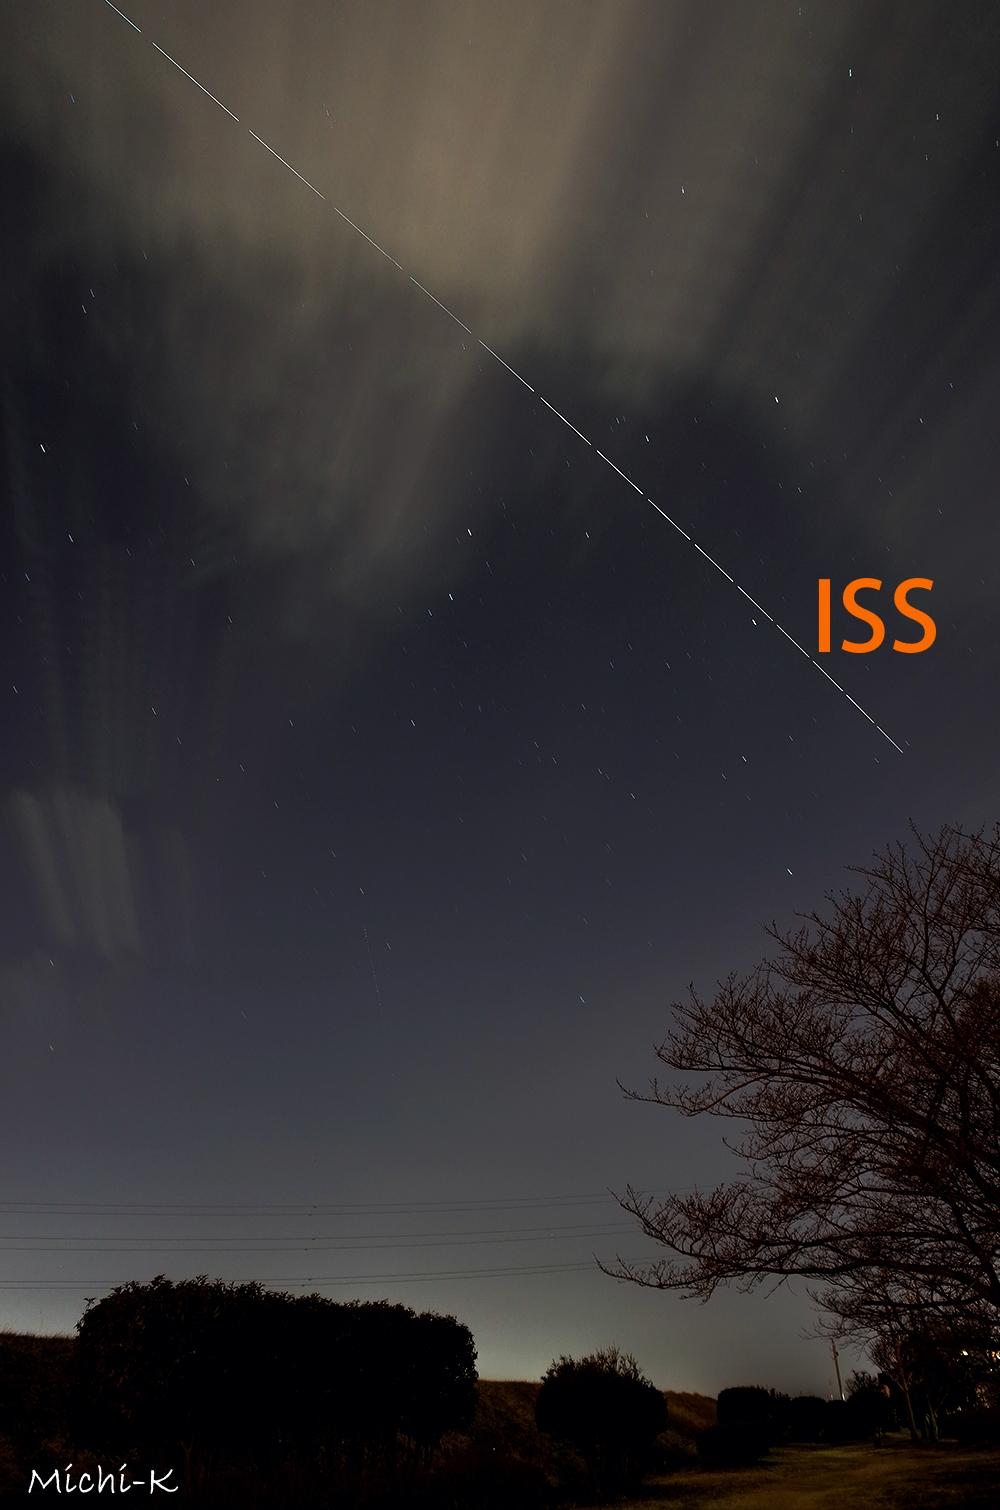 国際宇宙ステーション(ISS)の軌跡 、2016年2月19日